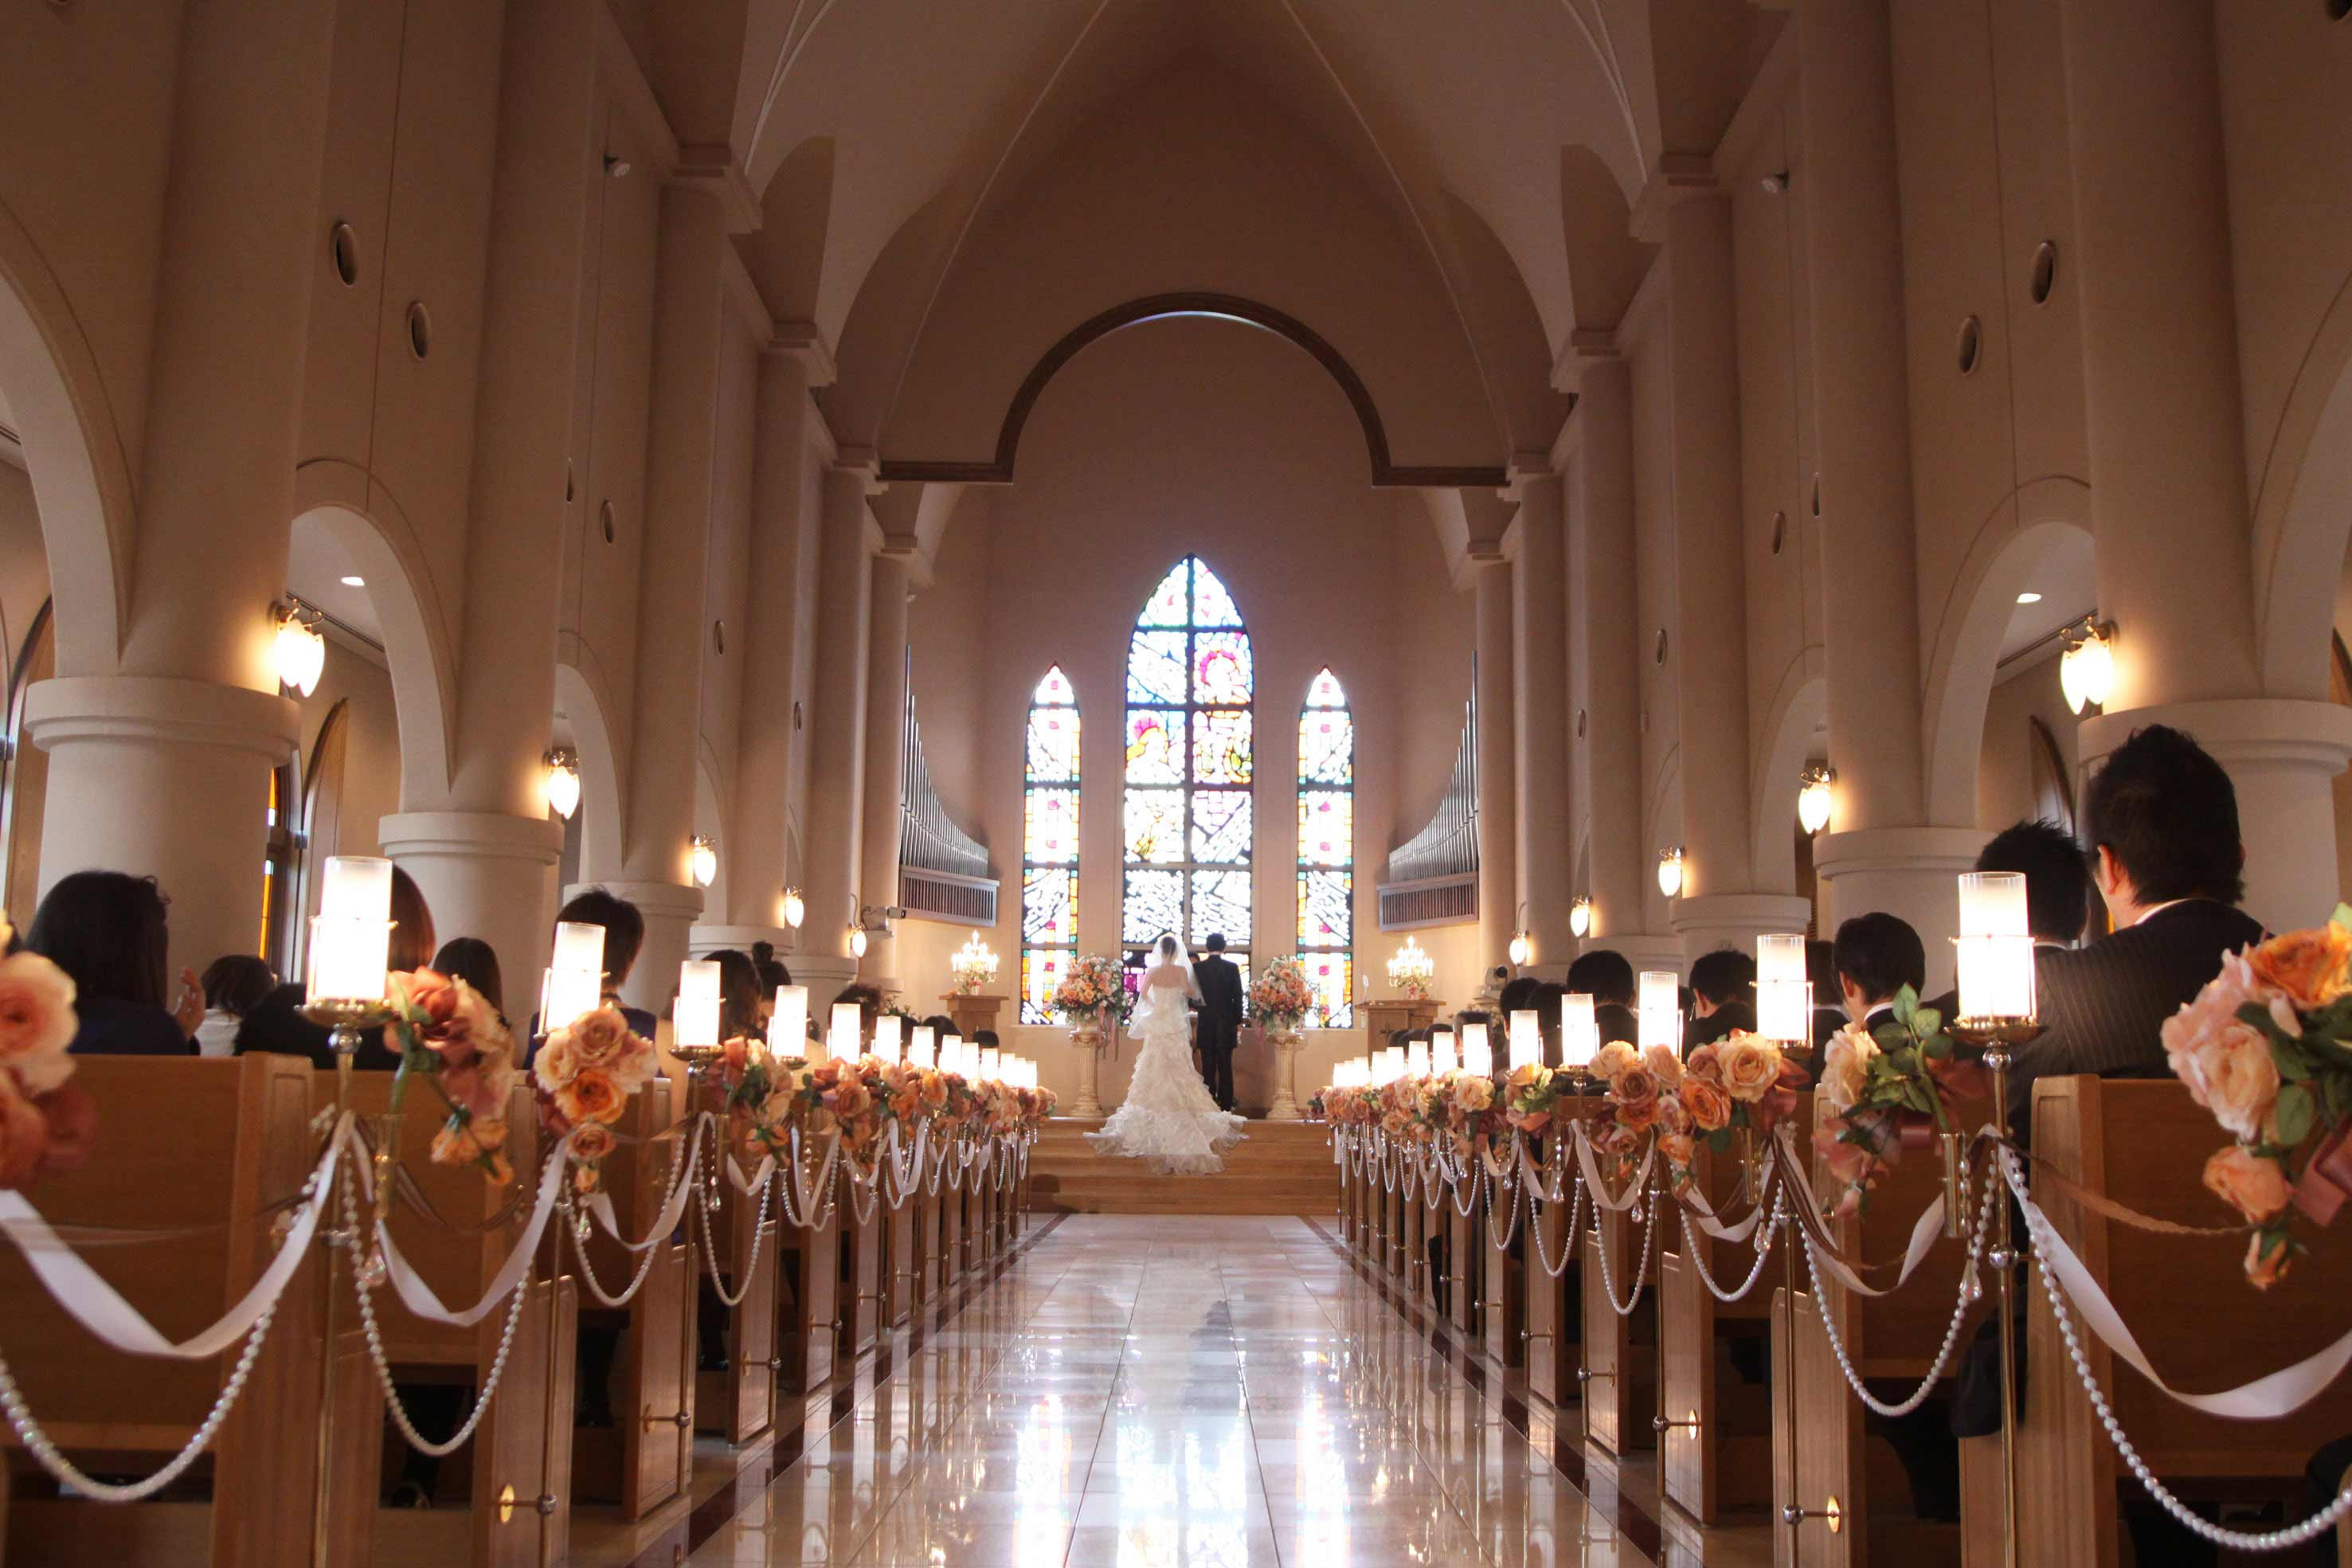 Kirchenlieder Hochzeit Katholisch  Top 10 Kirchenlieder zur Hochzeit zum Mitsingen